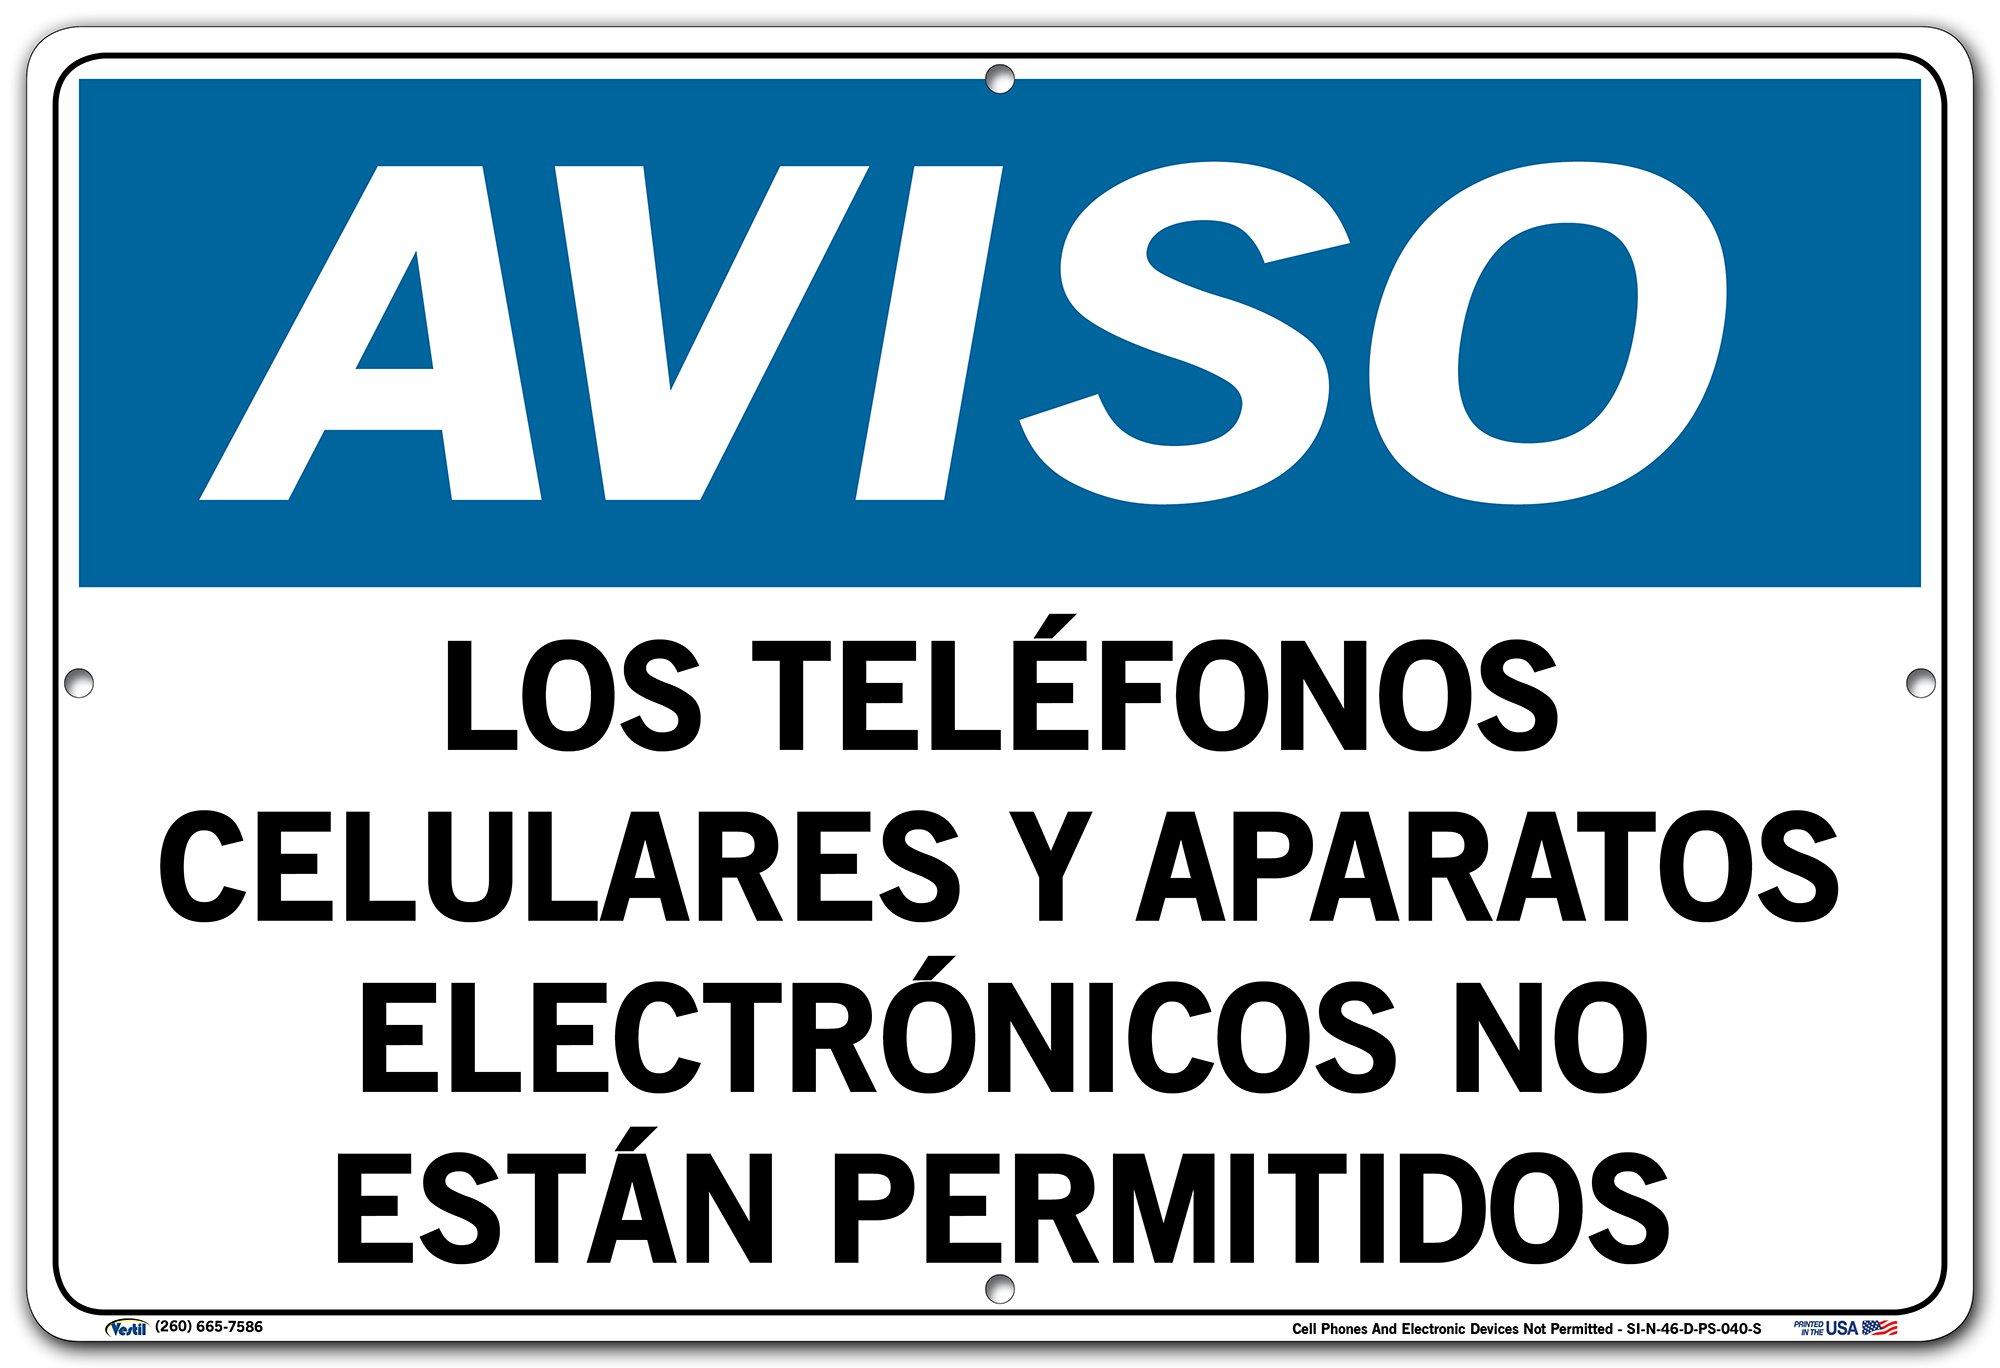 Vestil Spanish Notice Sign SI-N-46, Cell Phones and Electronic Devices Not Permitted, Los TELÉFONOS CELULARES Y APARATOS ELECTRÓNICOS NO ESTÁN PERMITIDOS